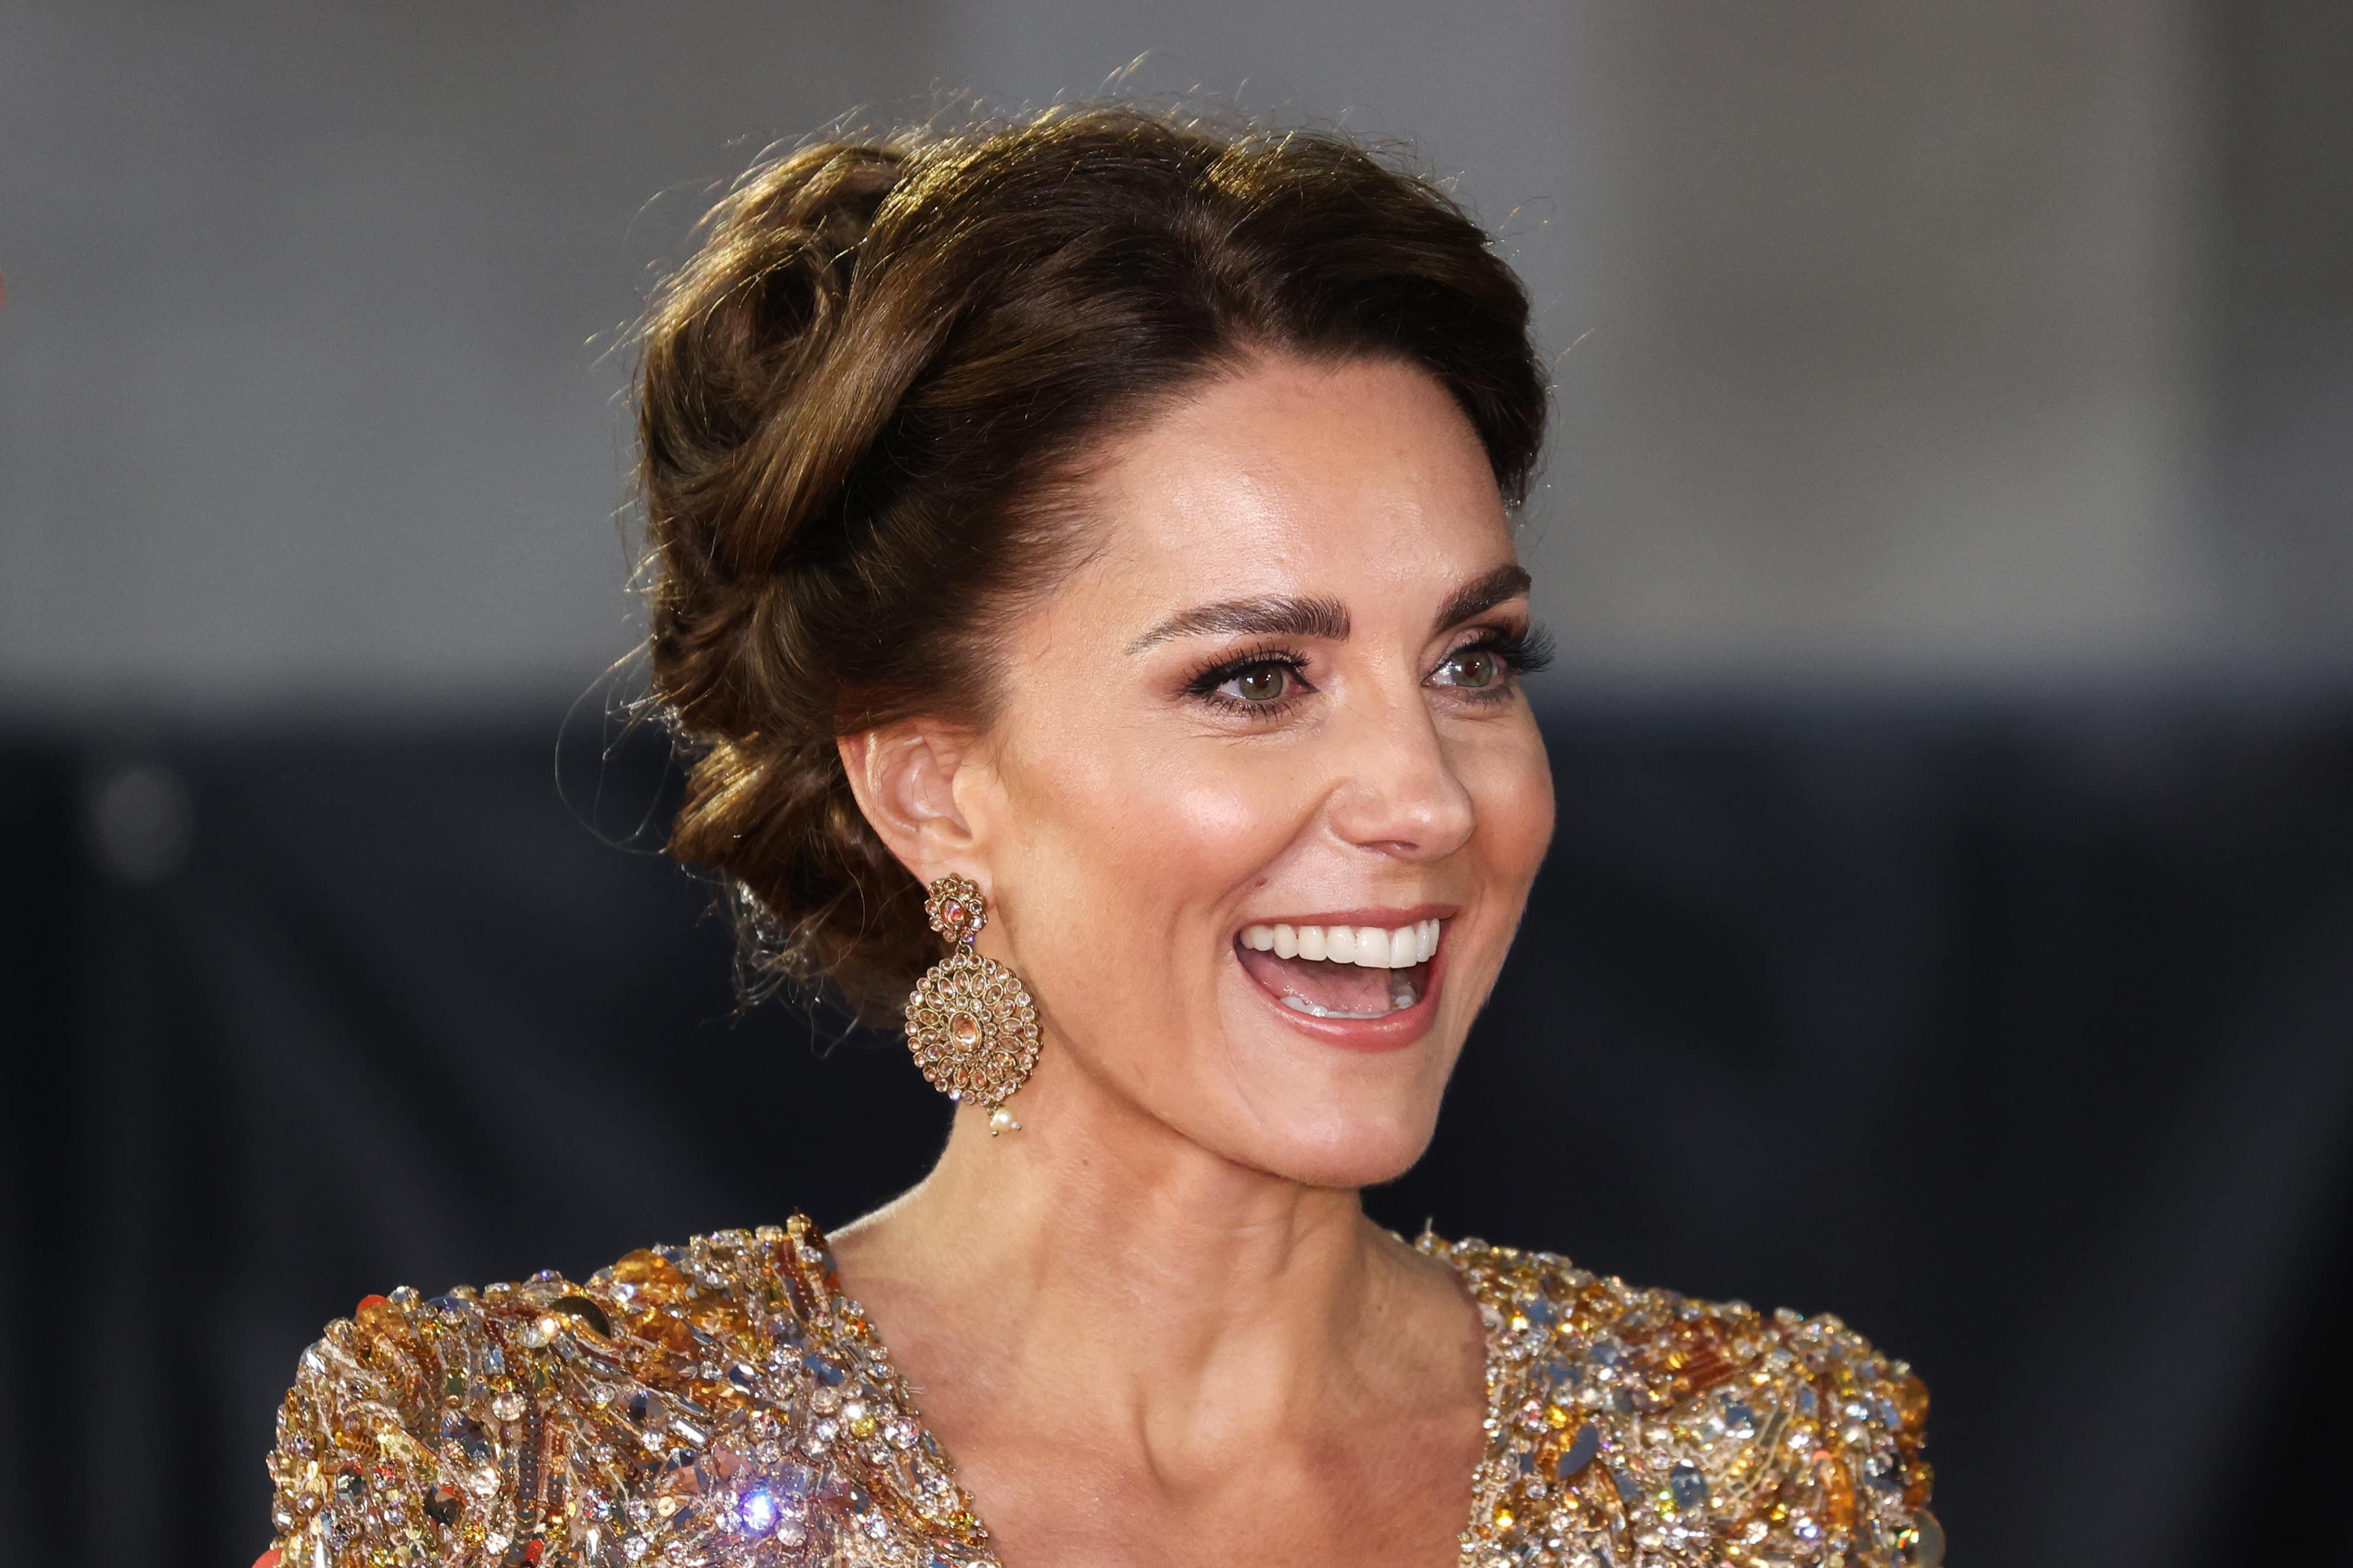 Herzogin Kate: Wird sie nun TV-Star?